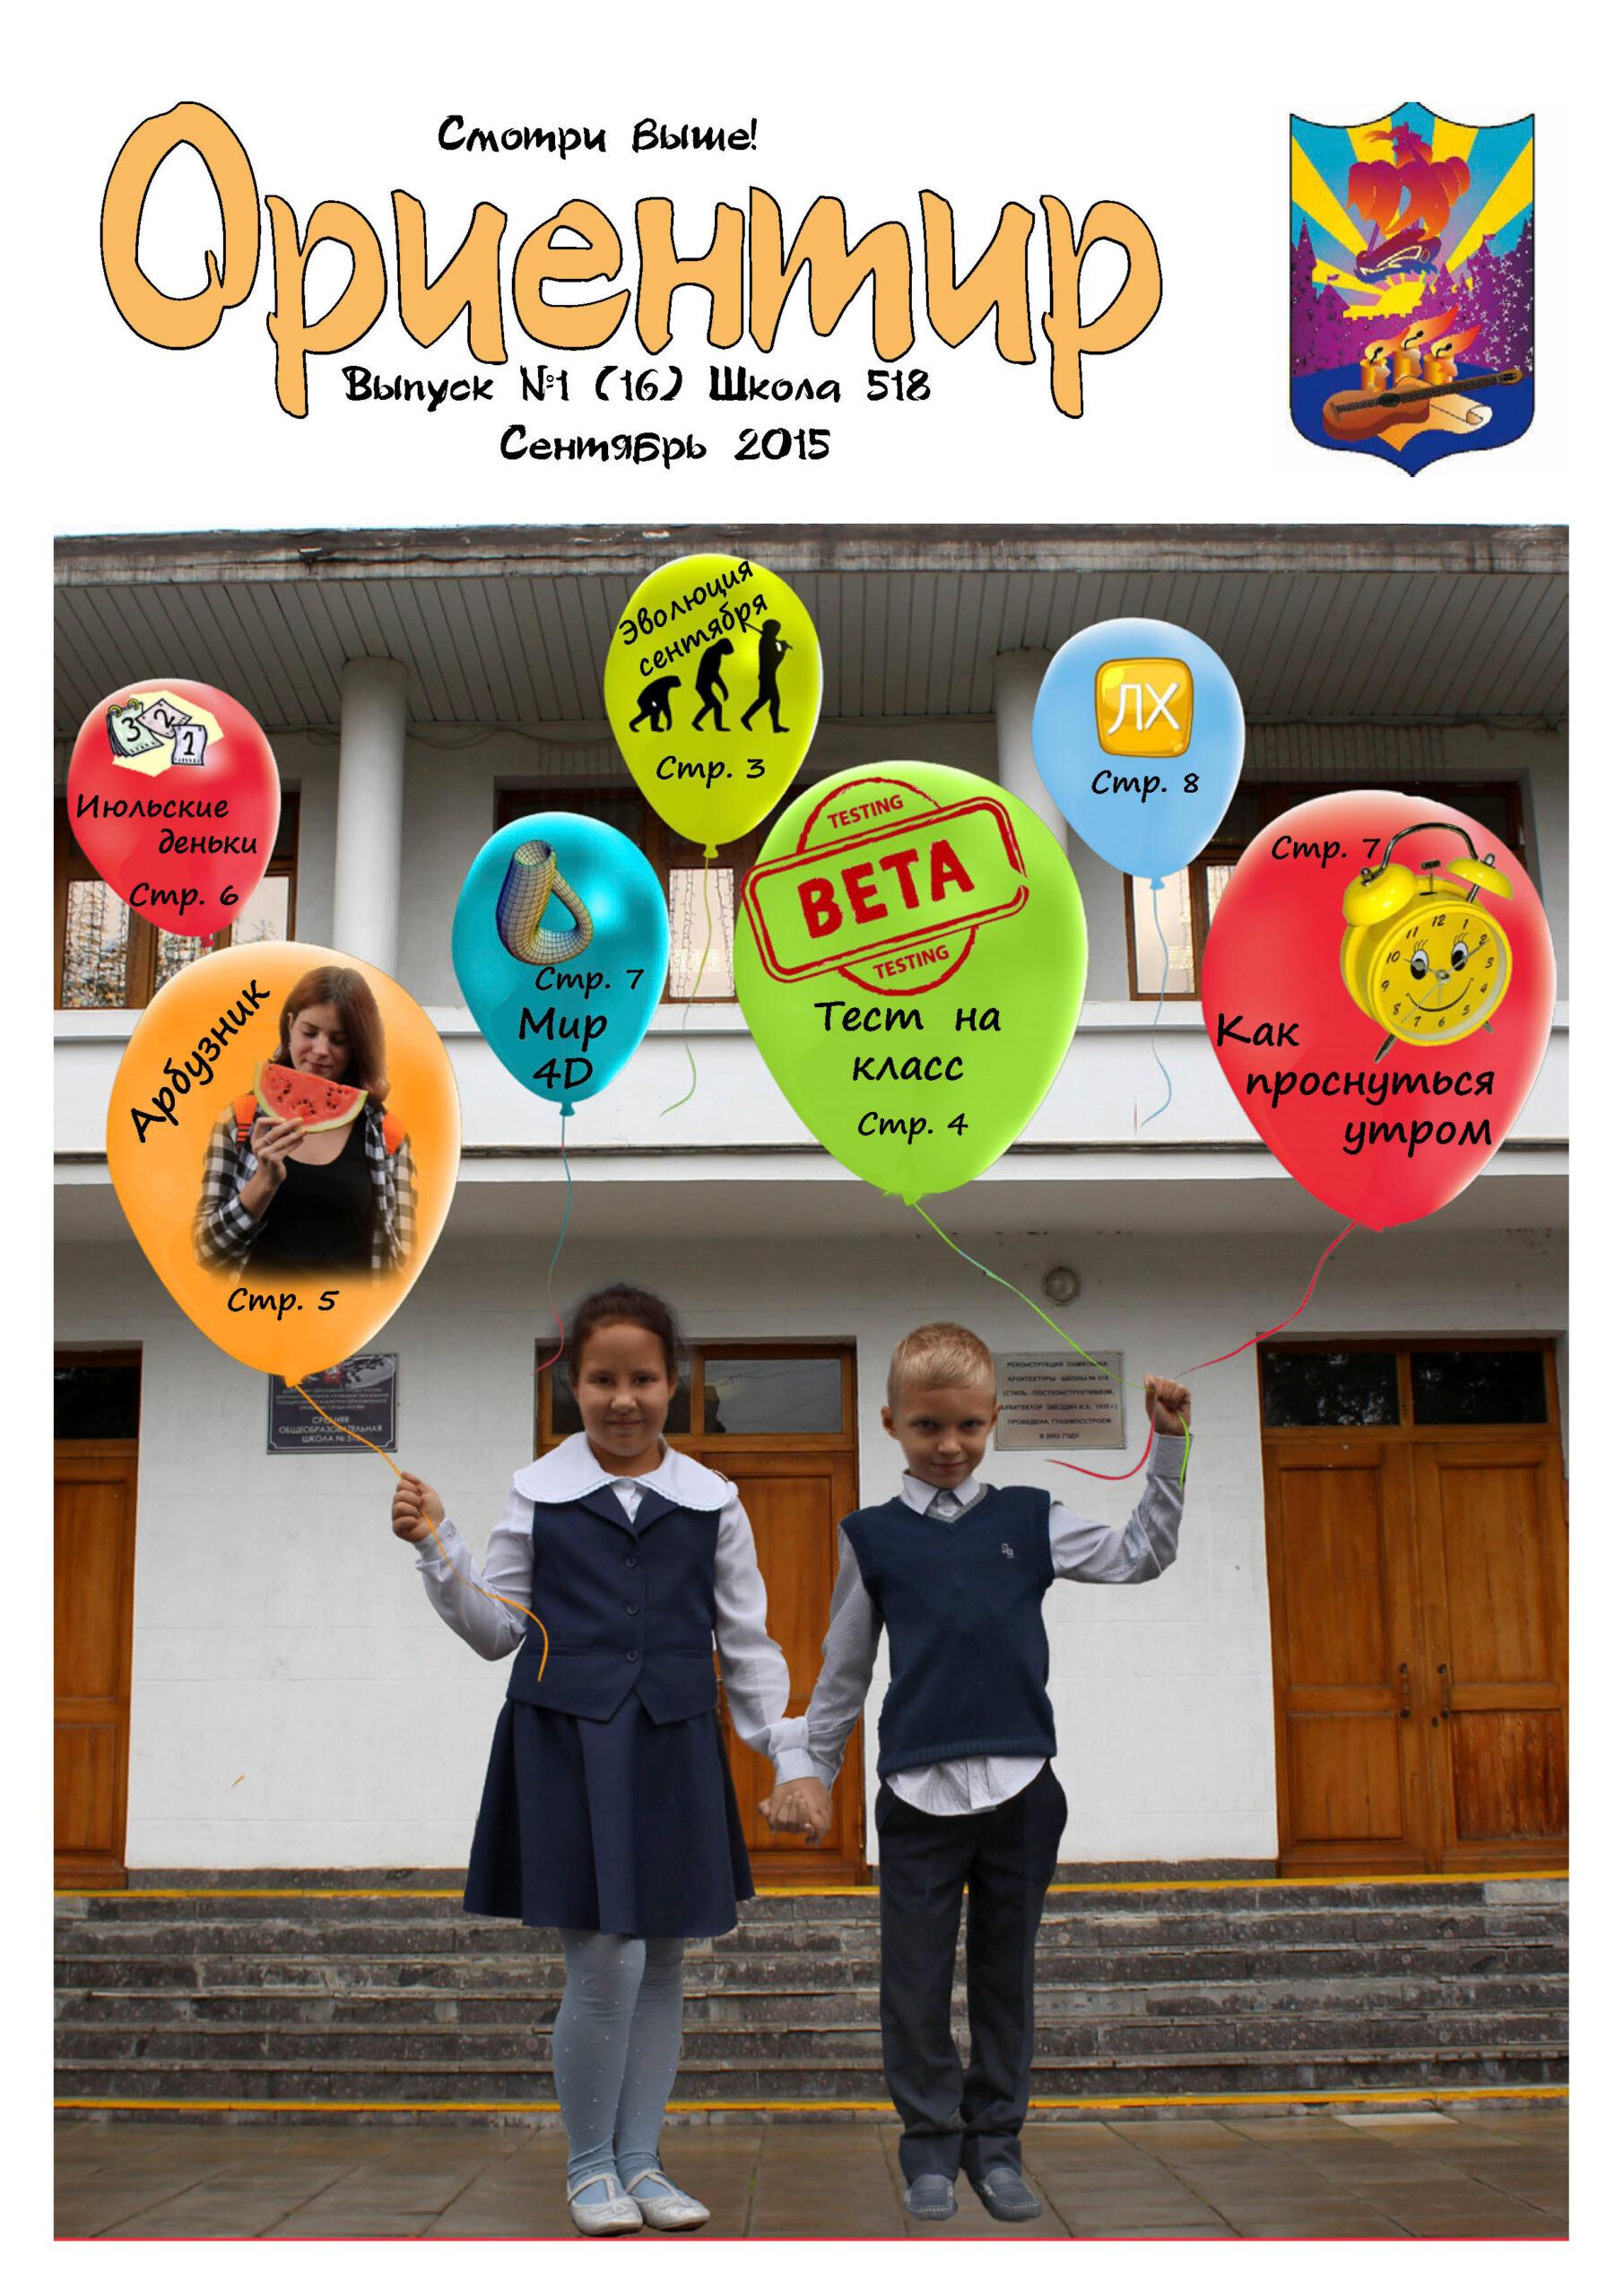 Школа 518 школьная газета Ориентир выпуск 16